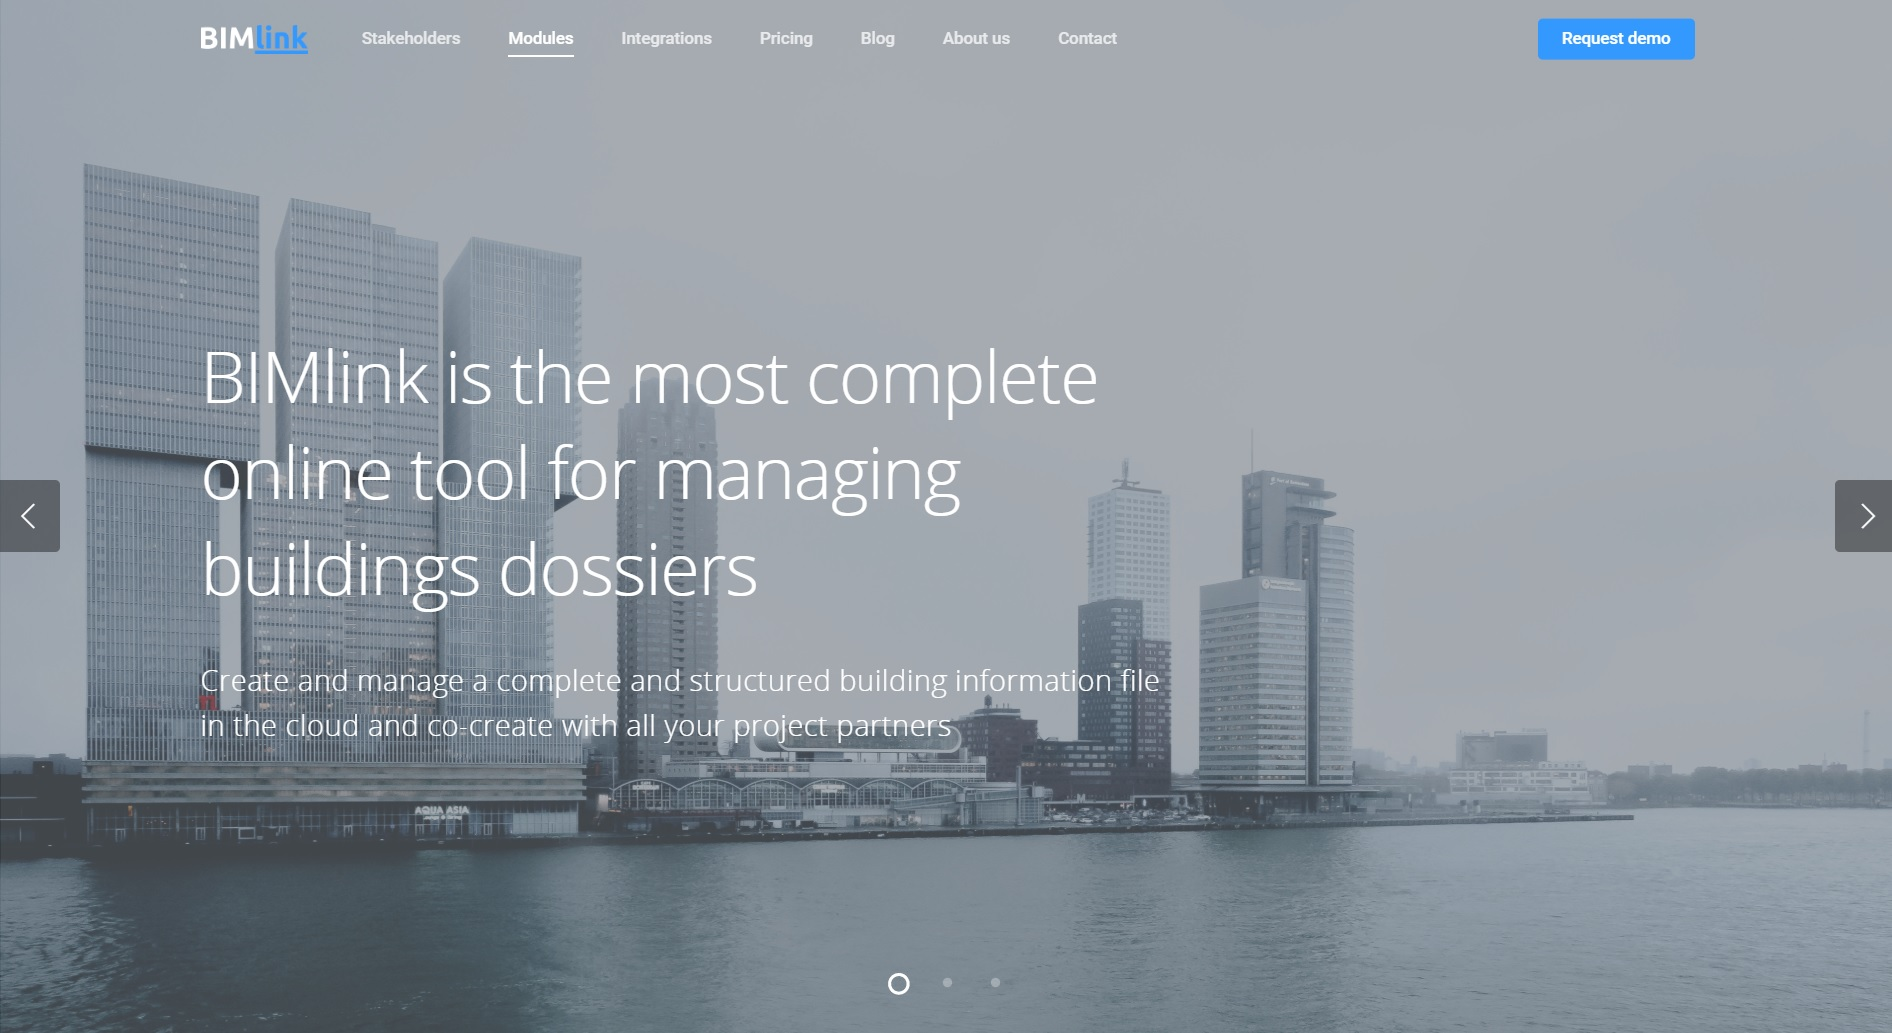 BIMlink lanceert nieuwe website